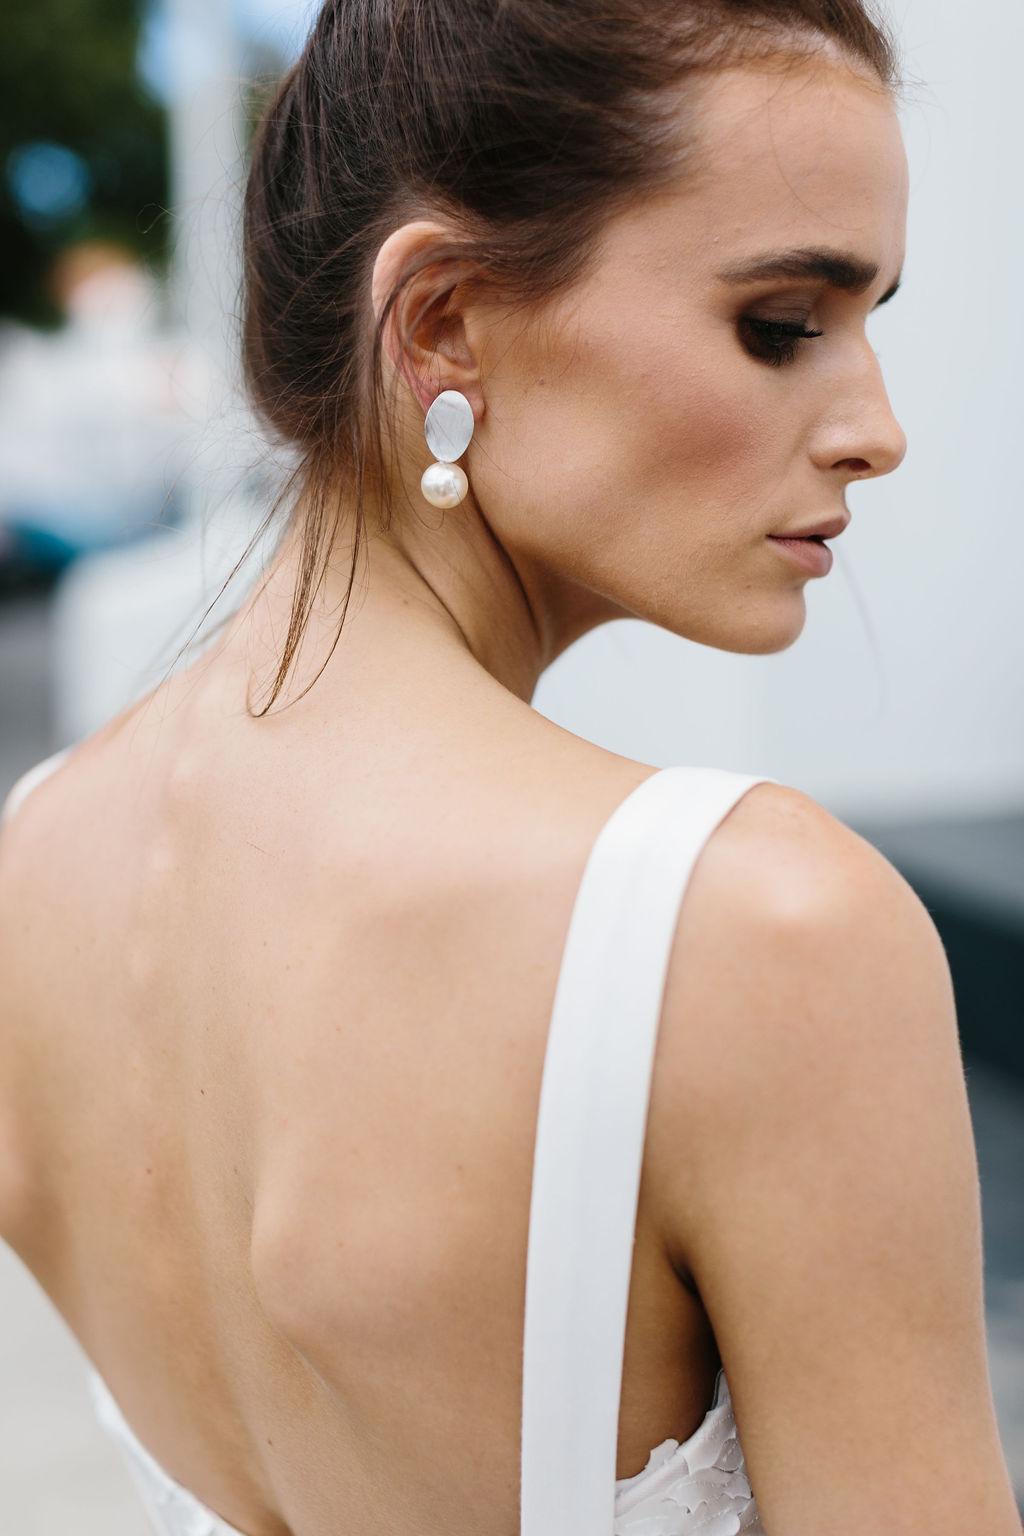 bridal-and-wedding-earrings-white-gold-pearl-drop-wedding-earrings-88.jpg